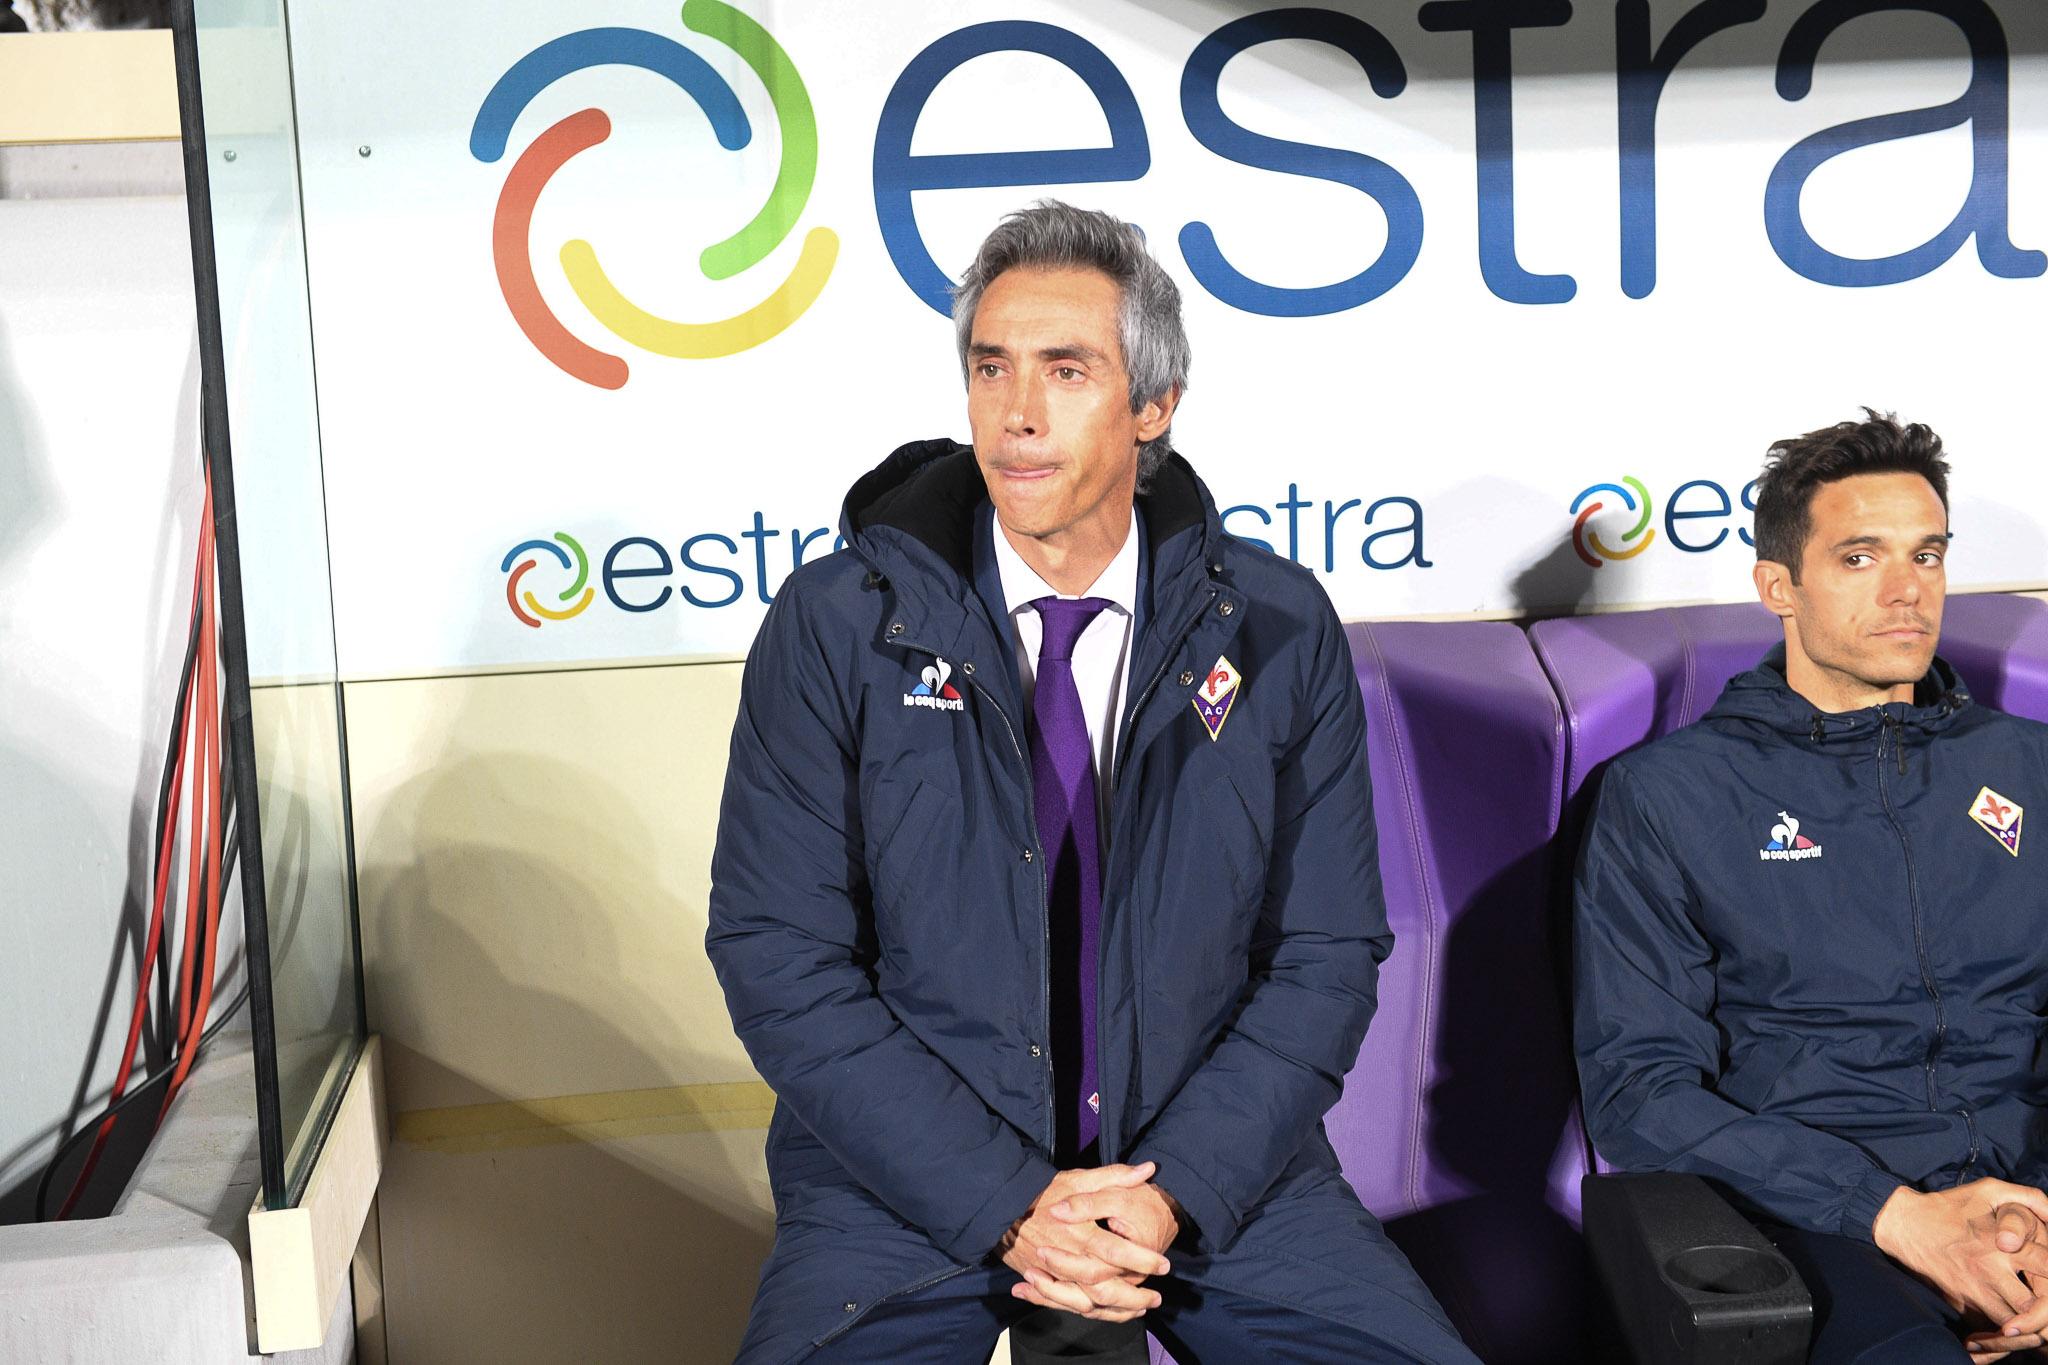 Convocati per Palermo: Gonzalo non ce la fa, Sousa ne chiama 23